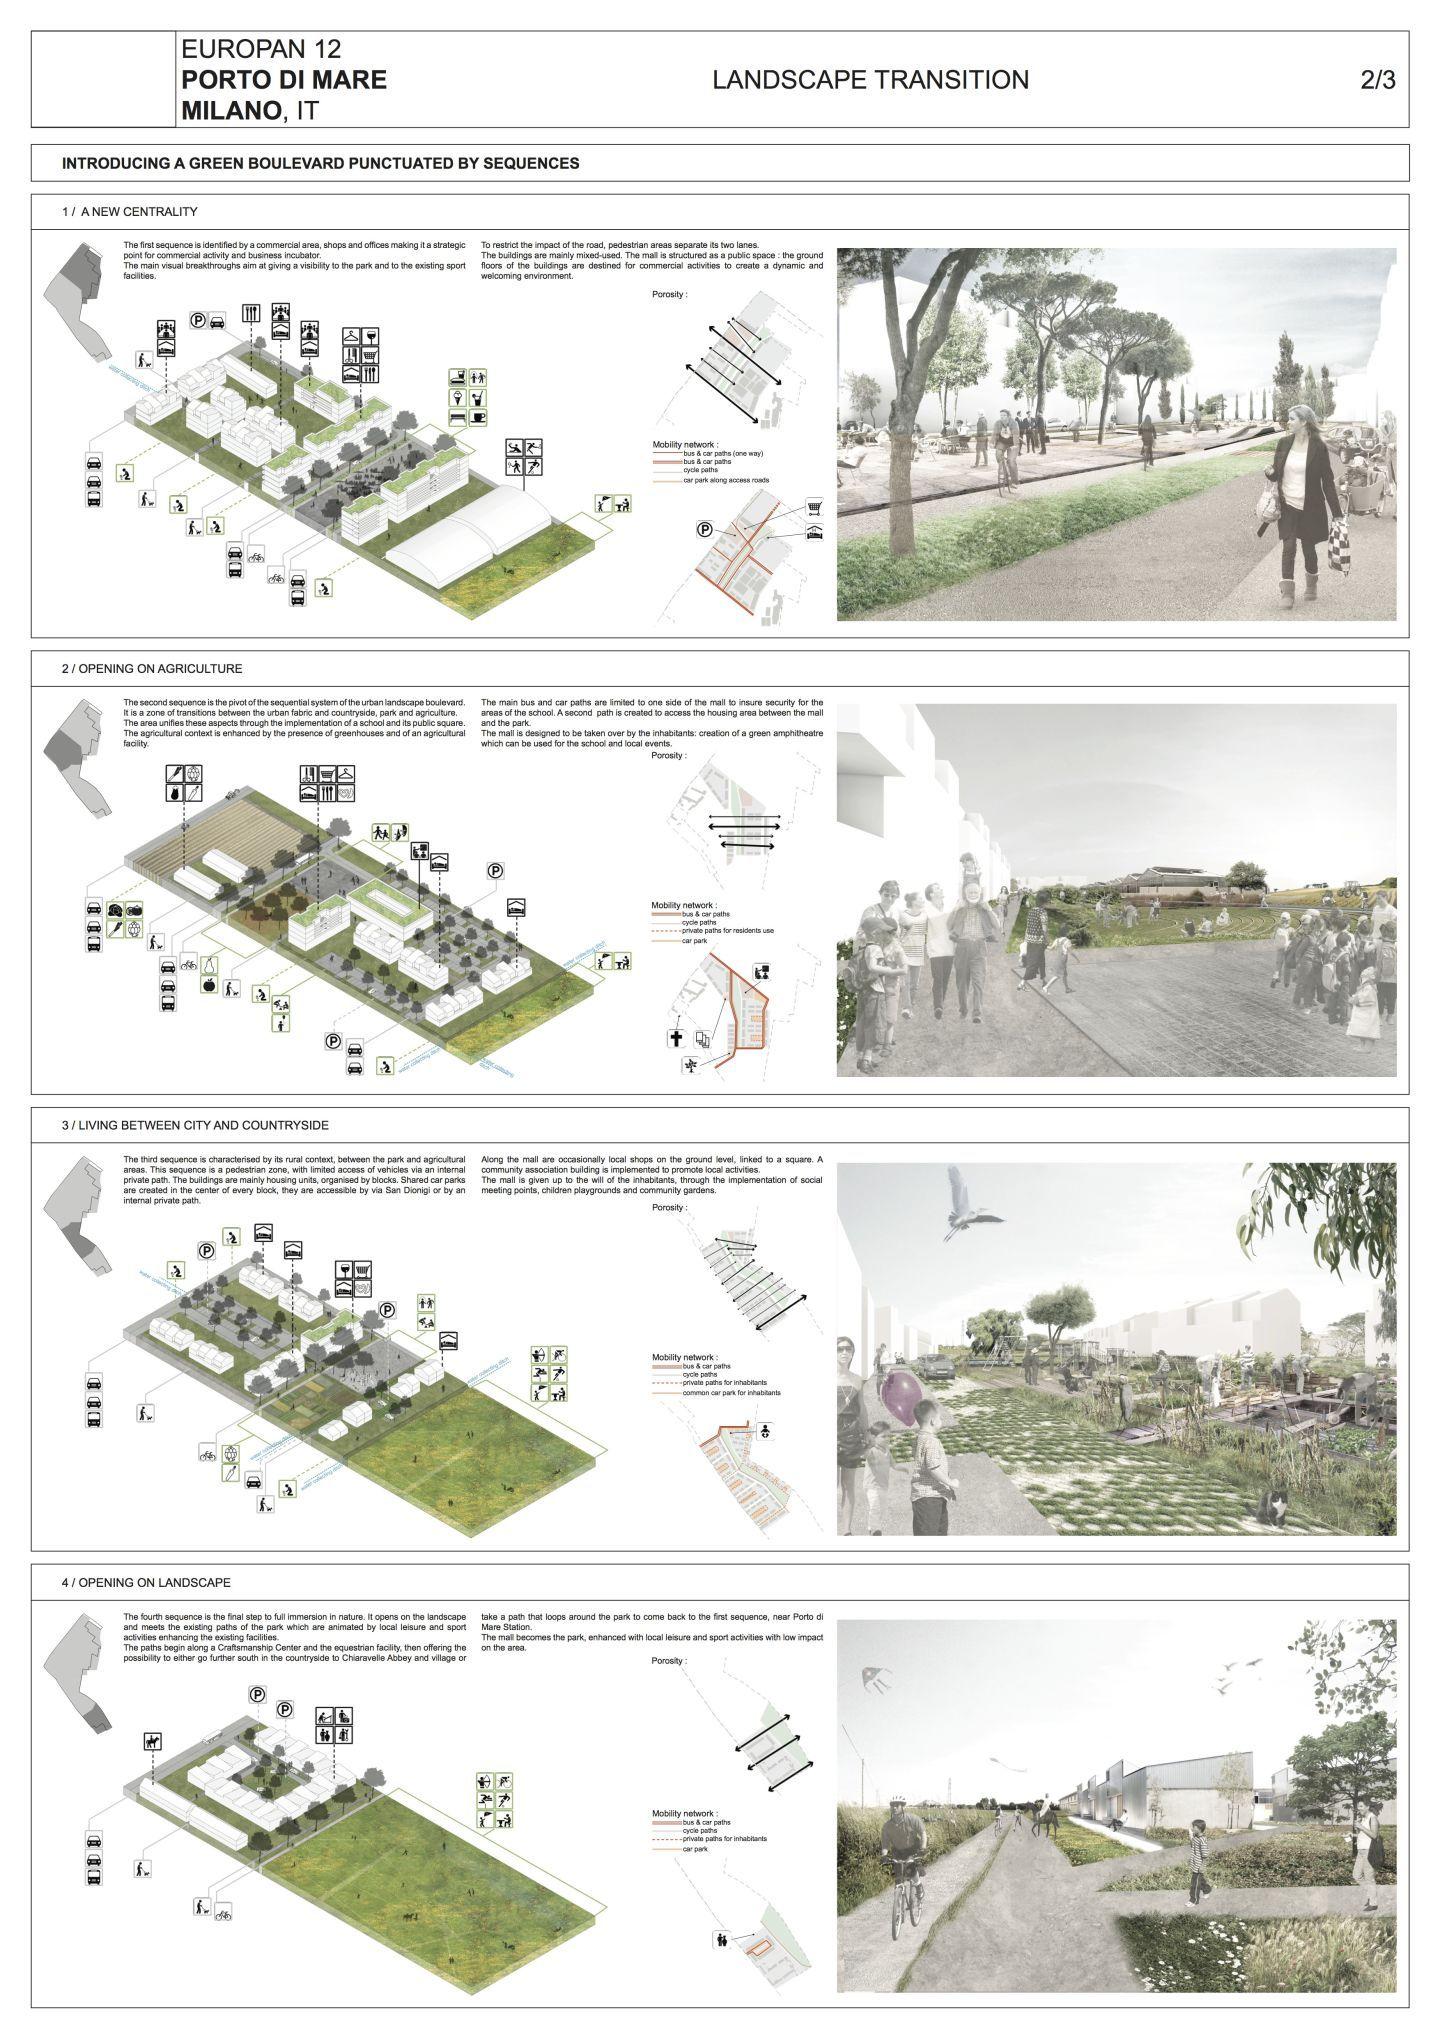 Landscape Transition Milano A1 2 Landscape Diagram 400 x 300